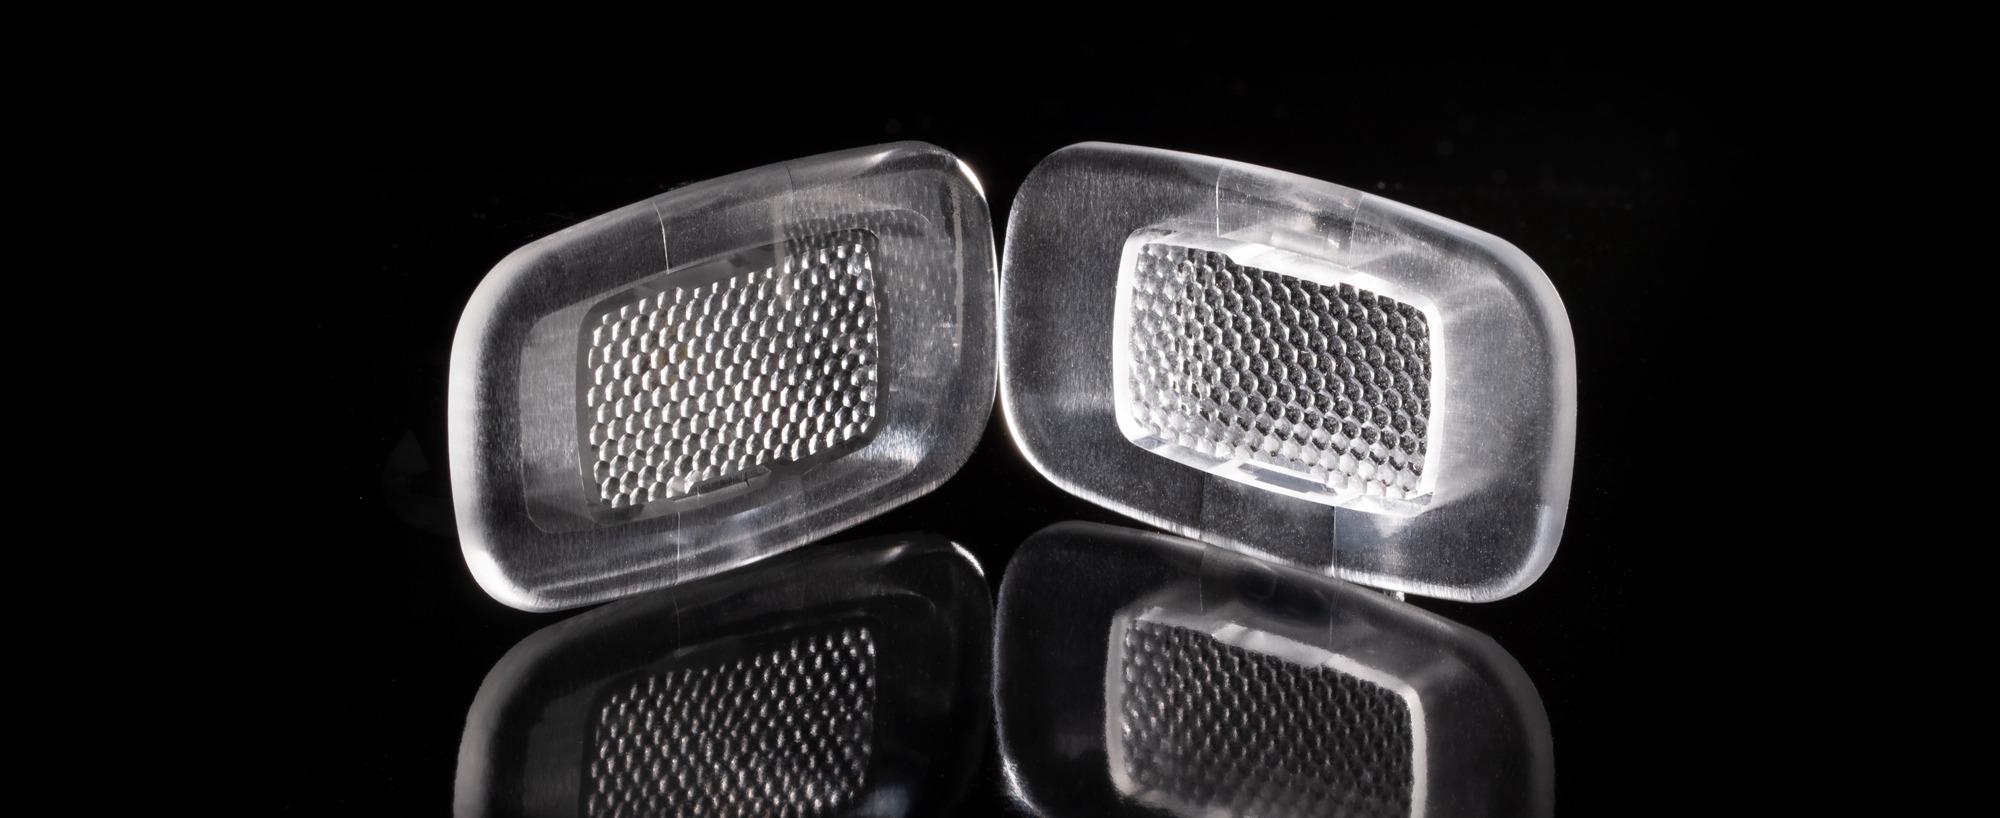 Infiniti Q30 interior Lens - Product & Development